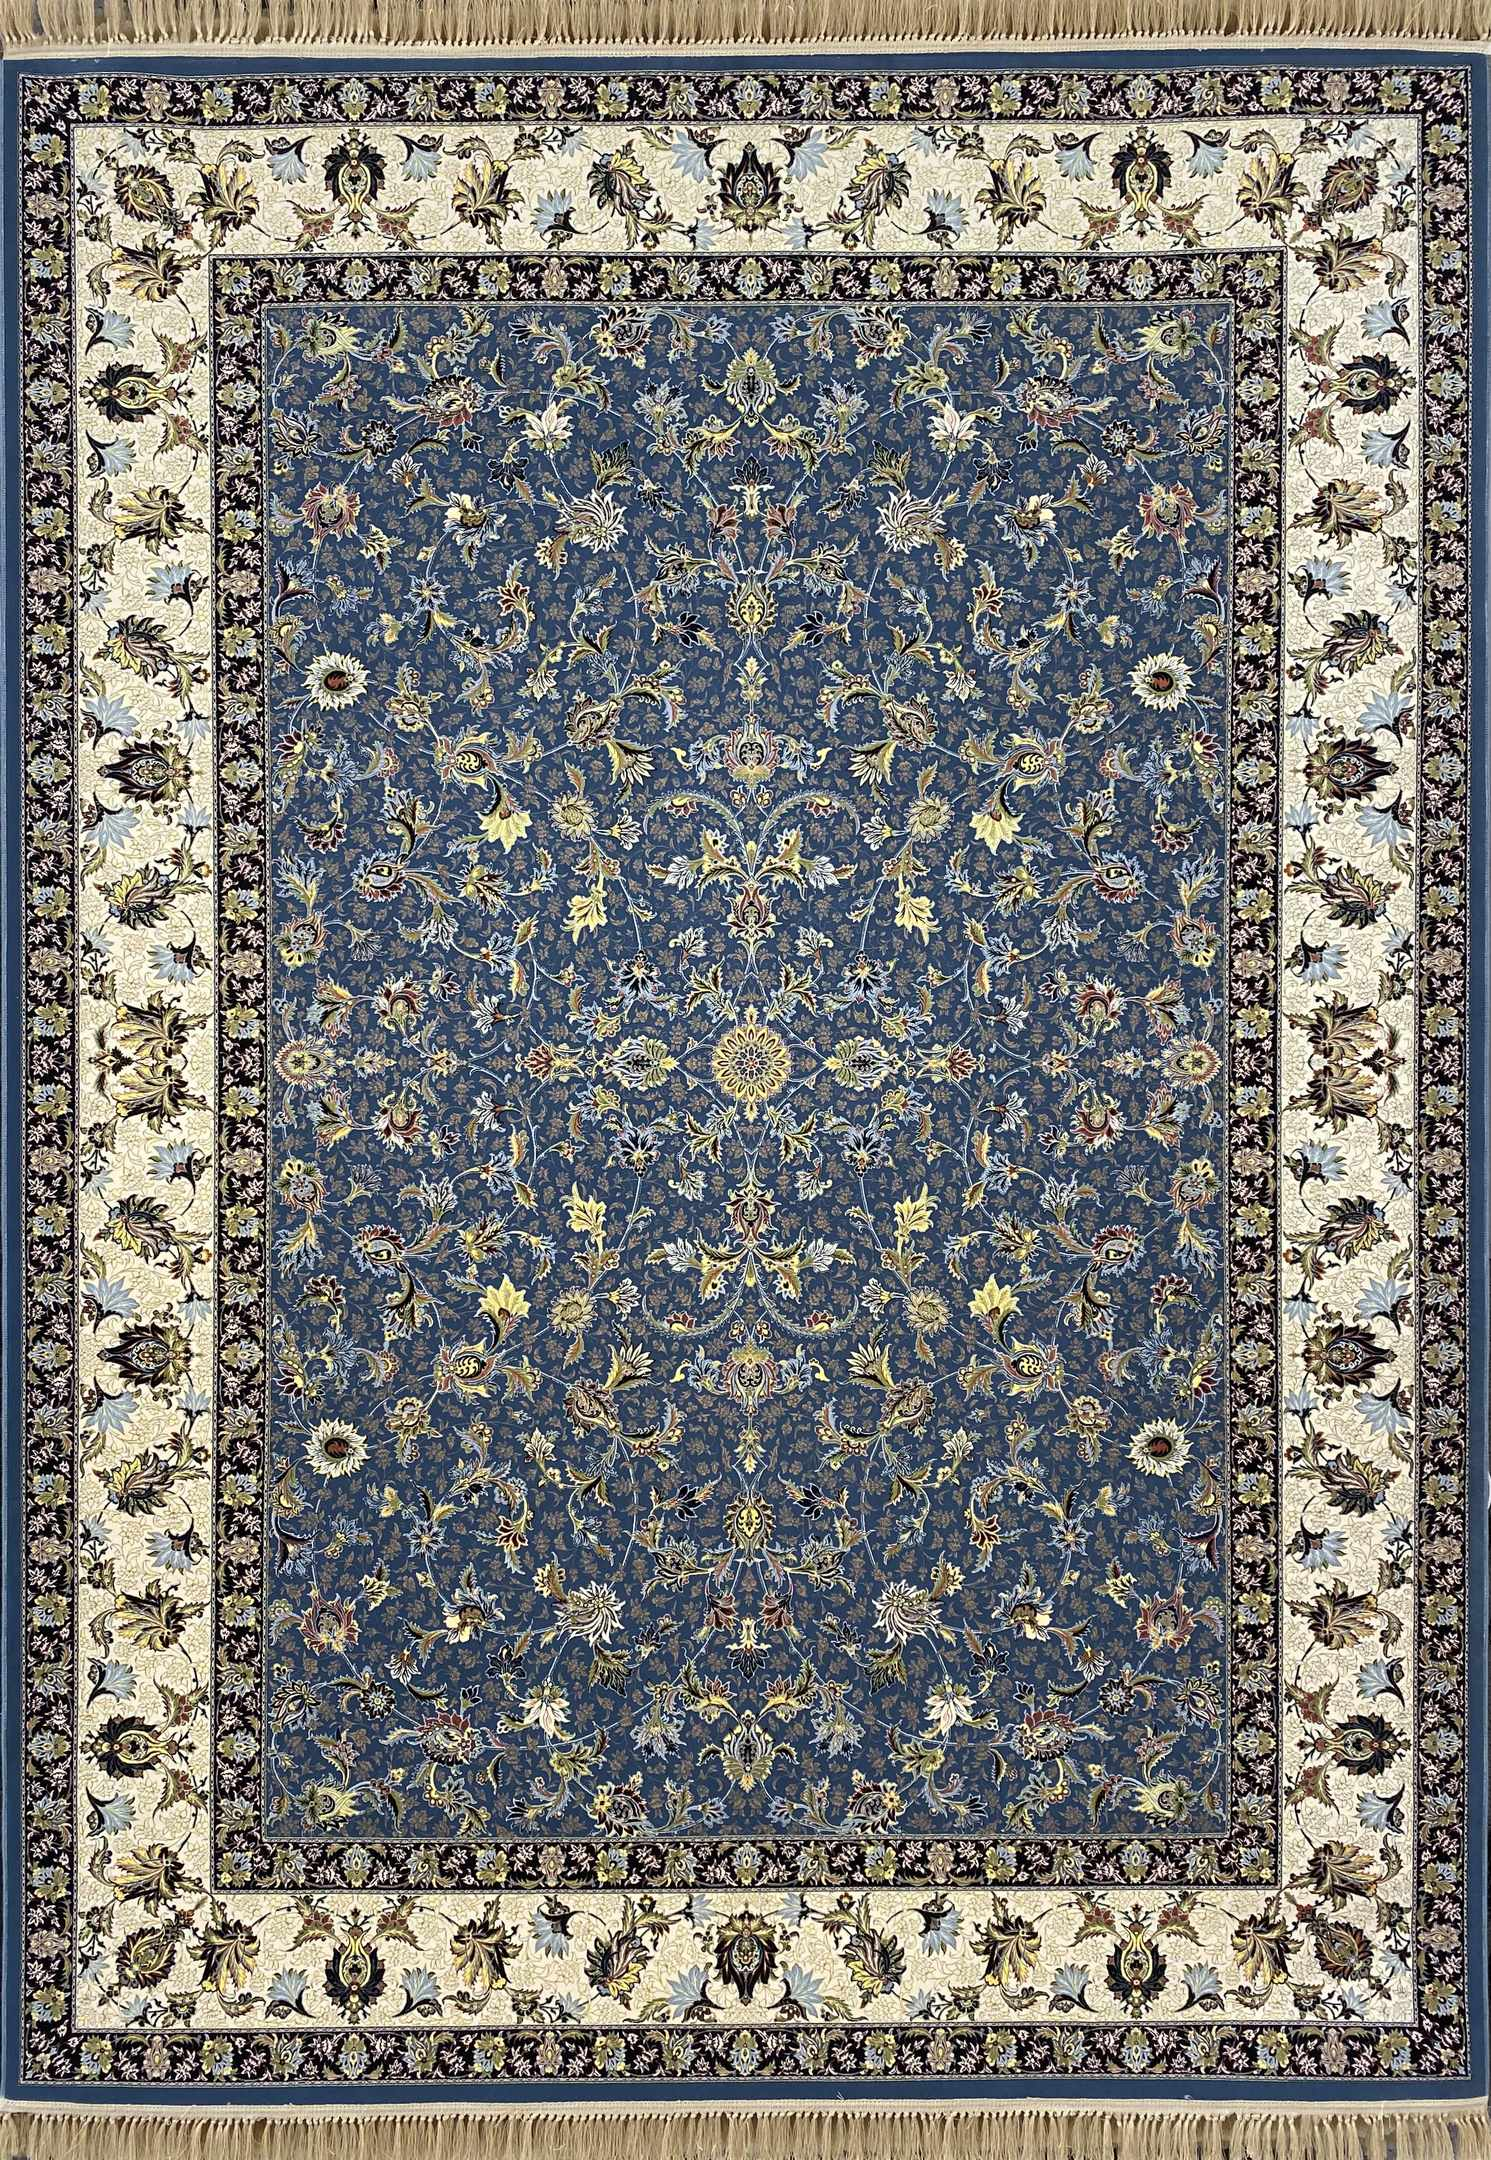 فرش نقشه ناز افشان آبی گلبرجسته